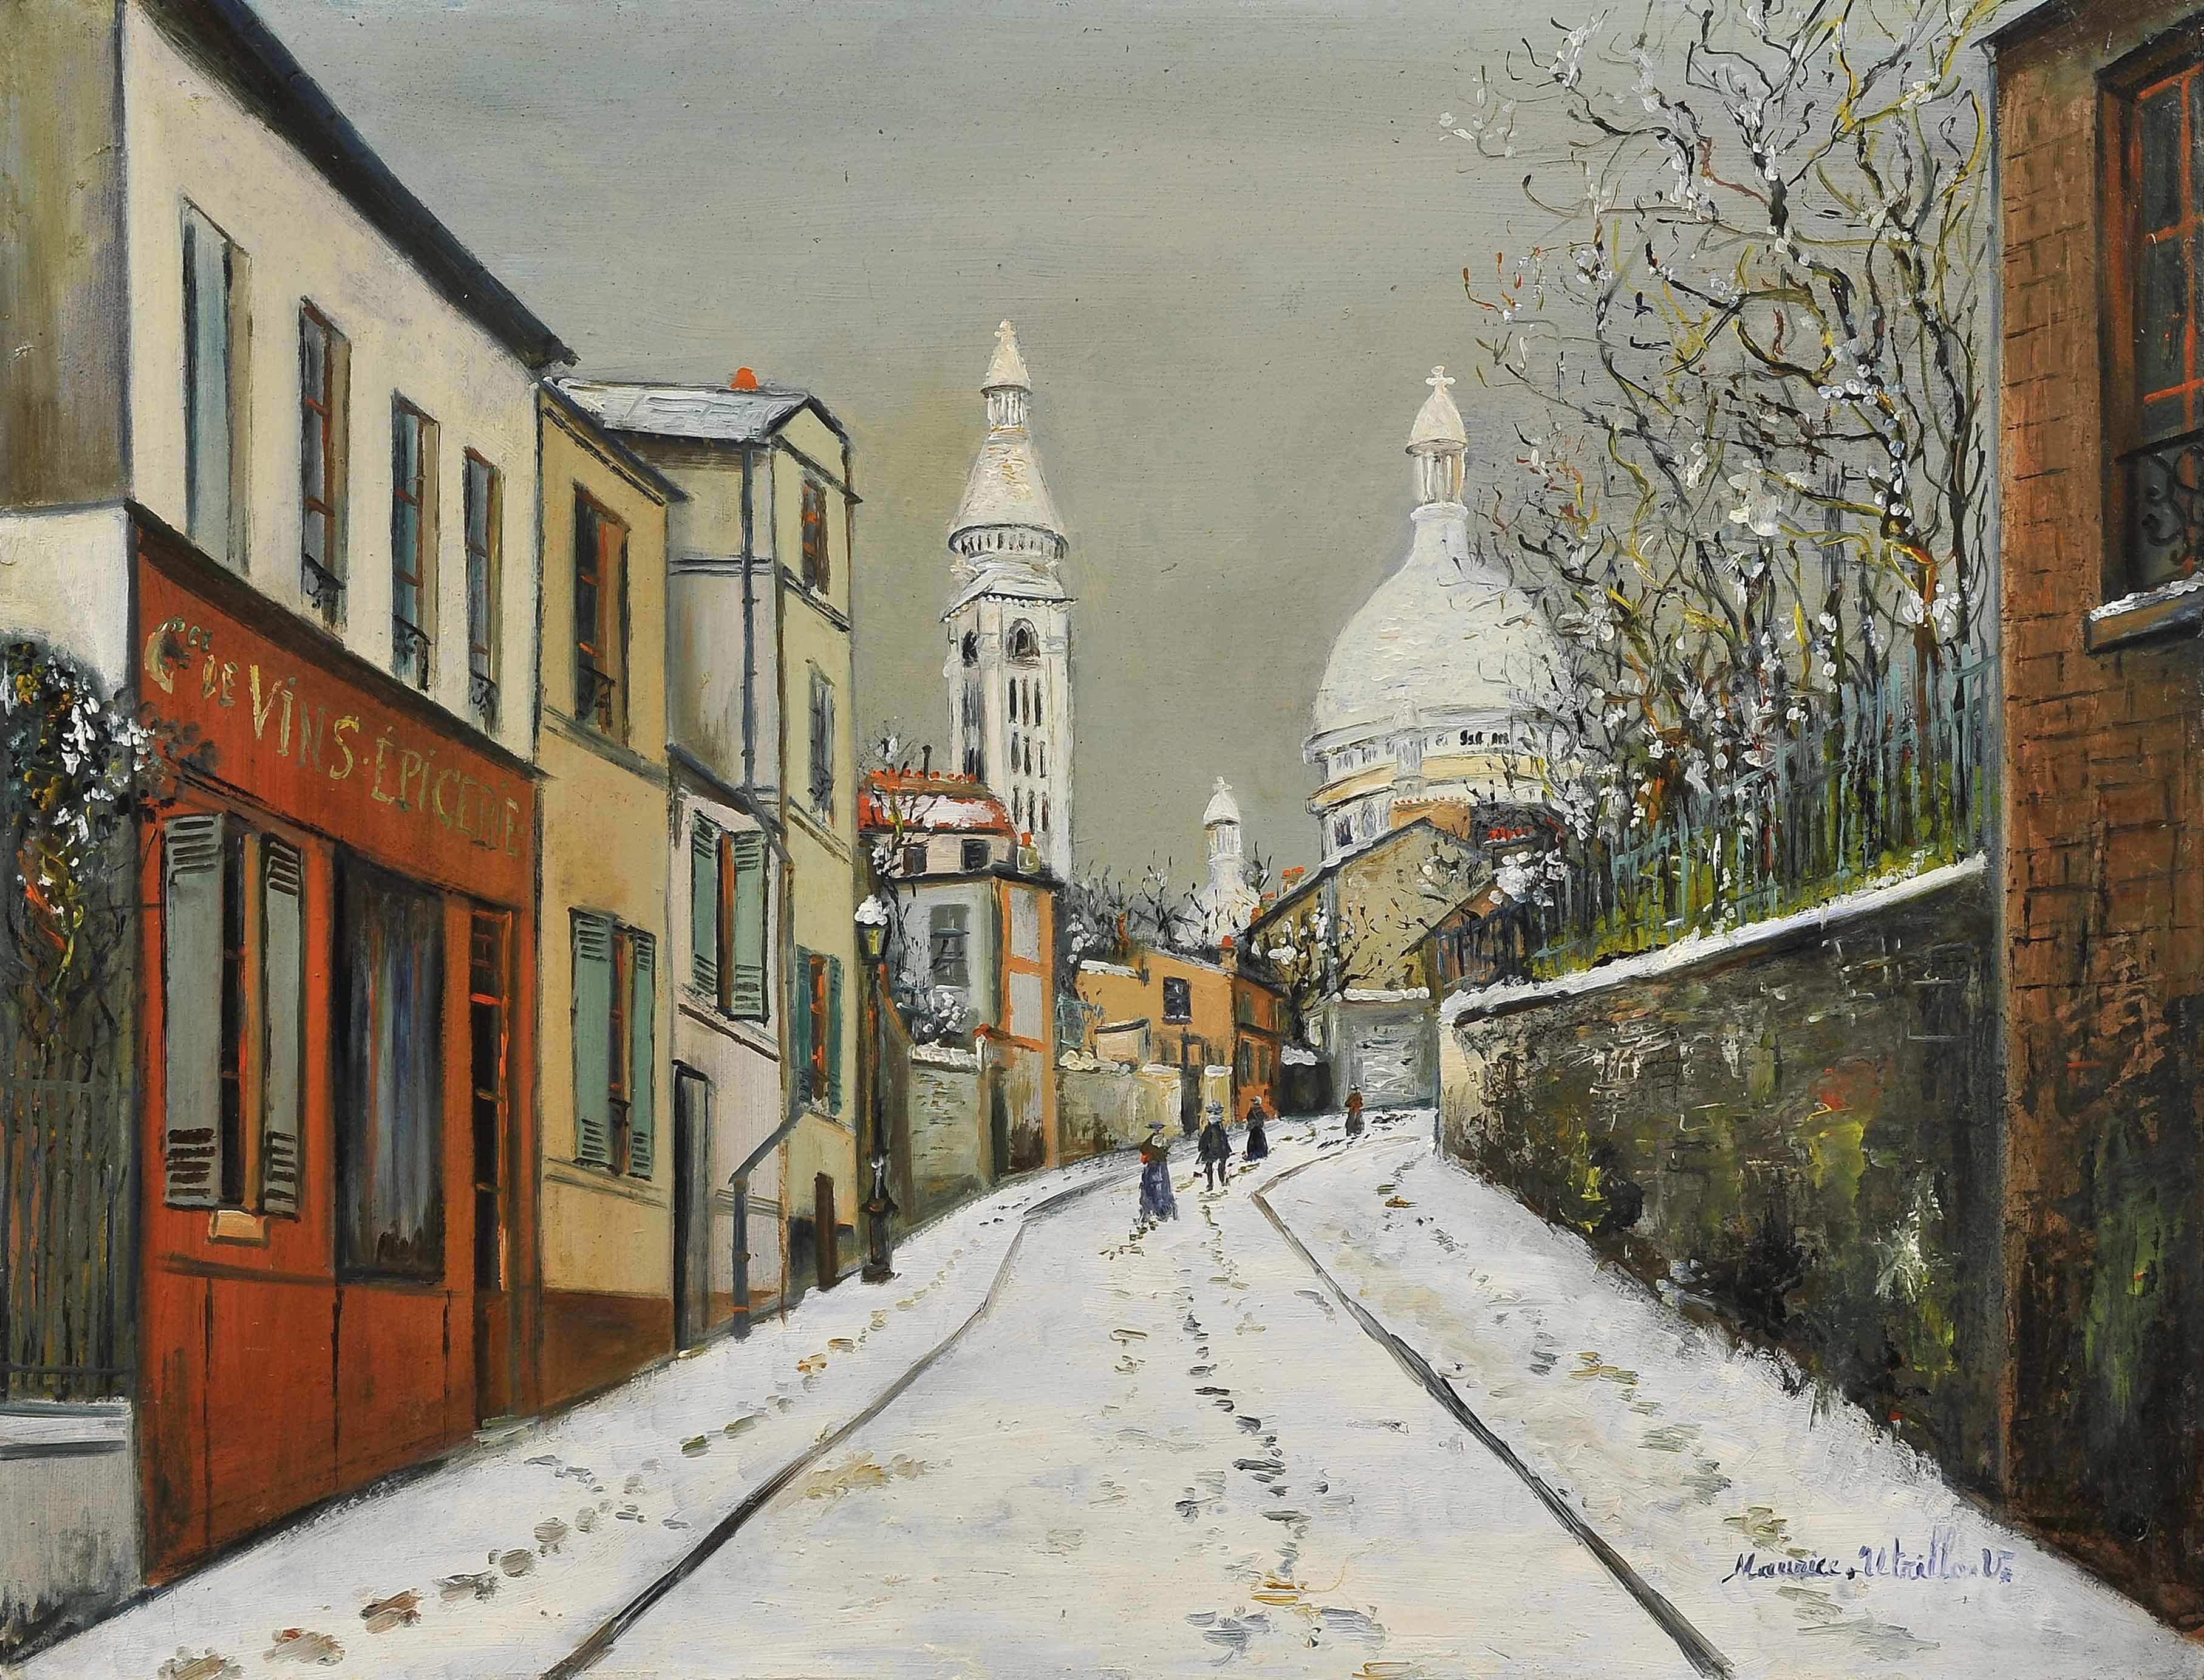 モーリス・ユトリロ 《雪のアブルヴォワール通り》キャンバスに油彩 52×67cm